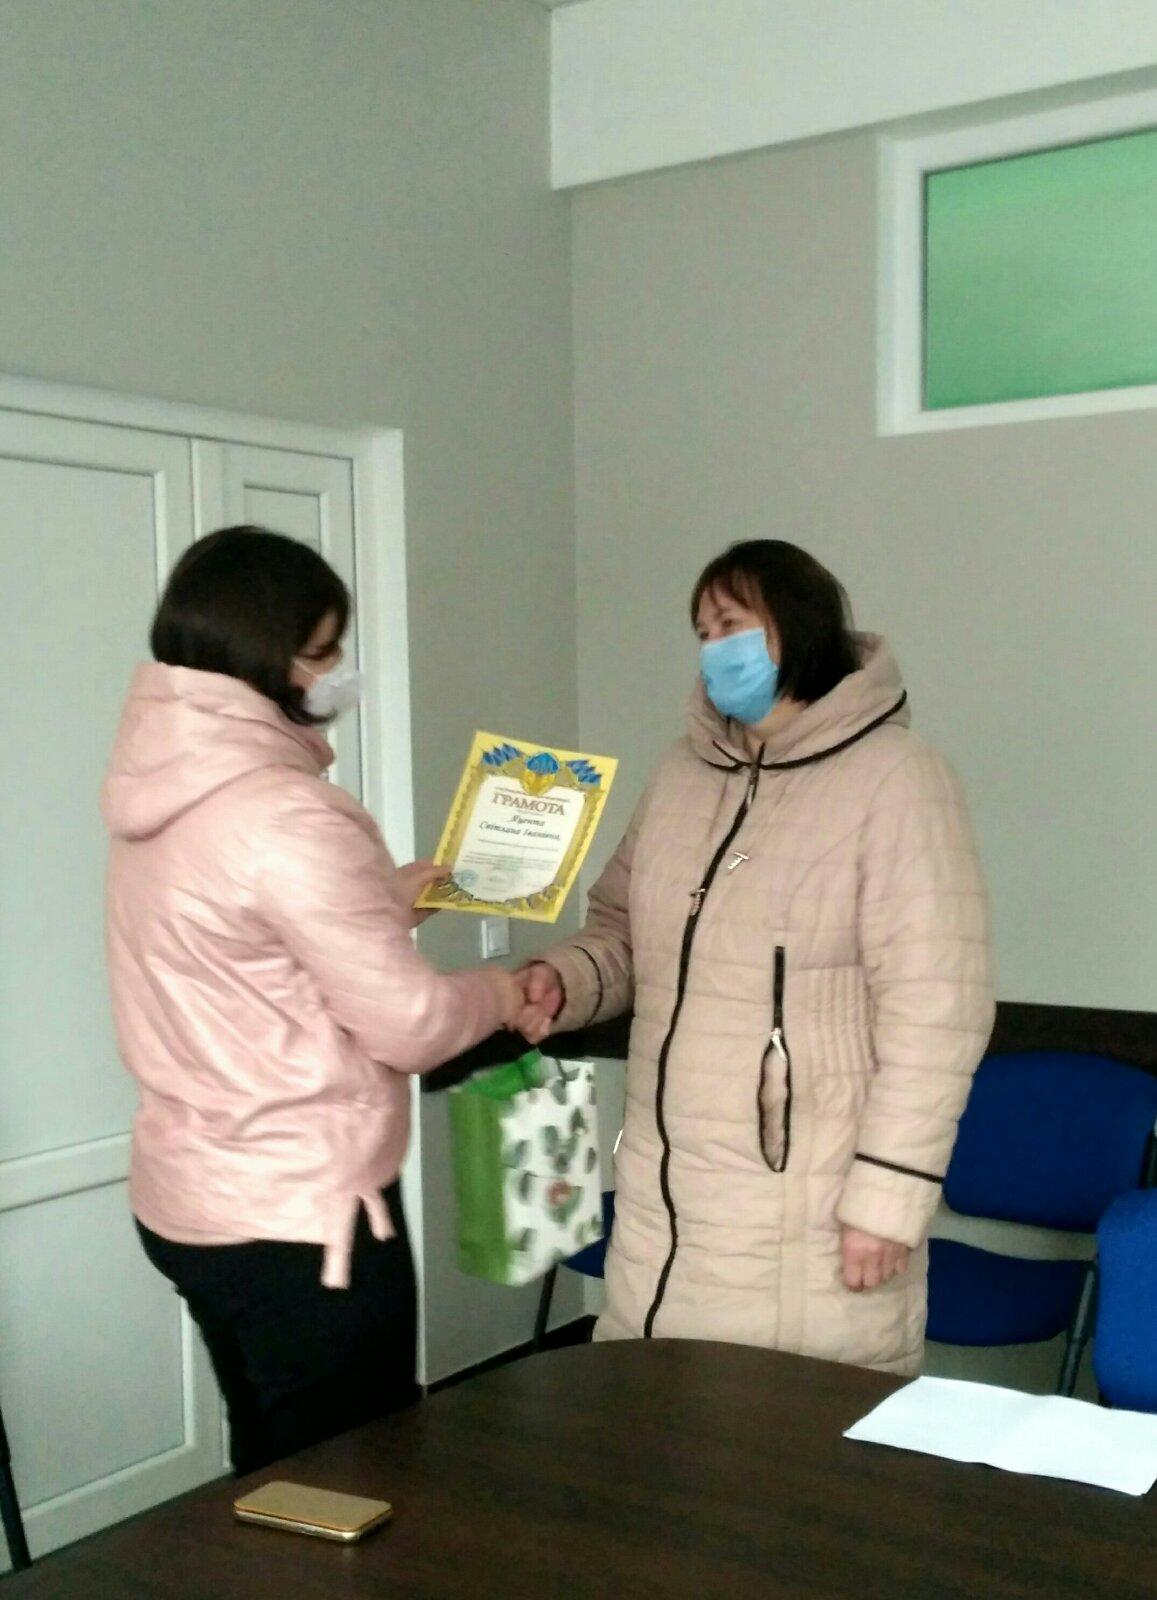 Tretya-zobrazhennya_viber_2020-10-30_10-08-58